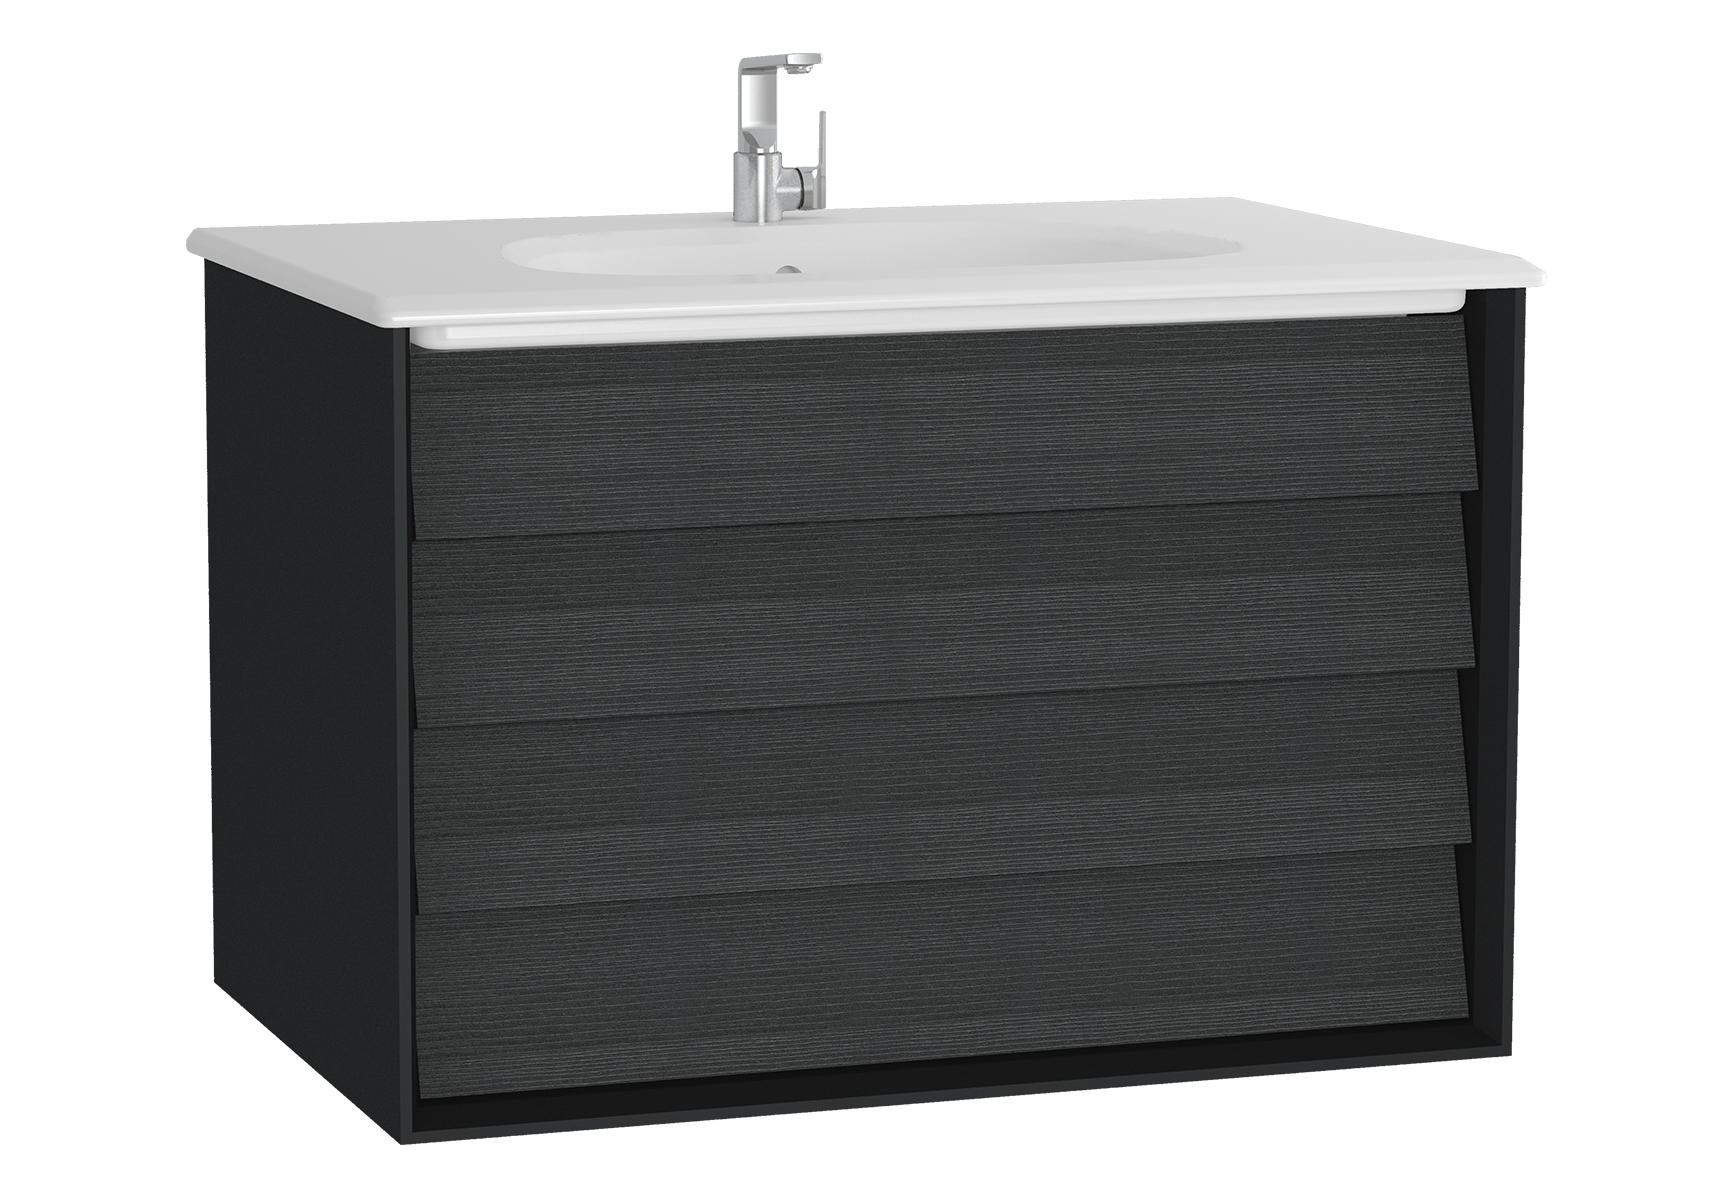 Frame meuble avec plan céramique, 82,5 cm, chêne noir, mat noir, avec blanc plan céramique